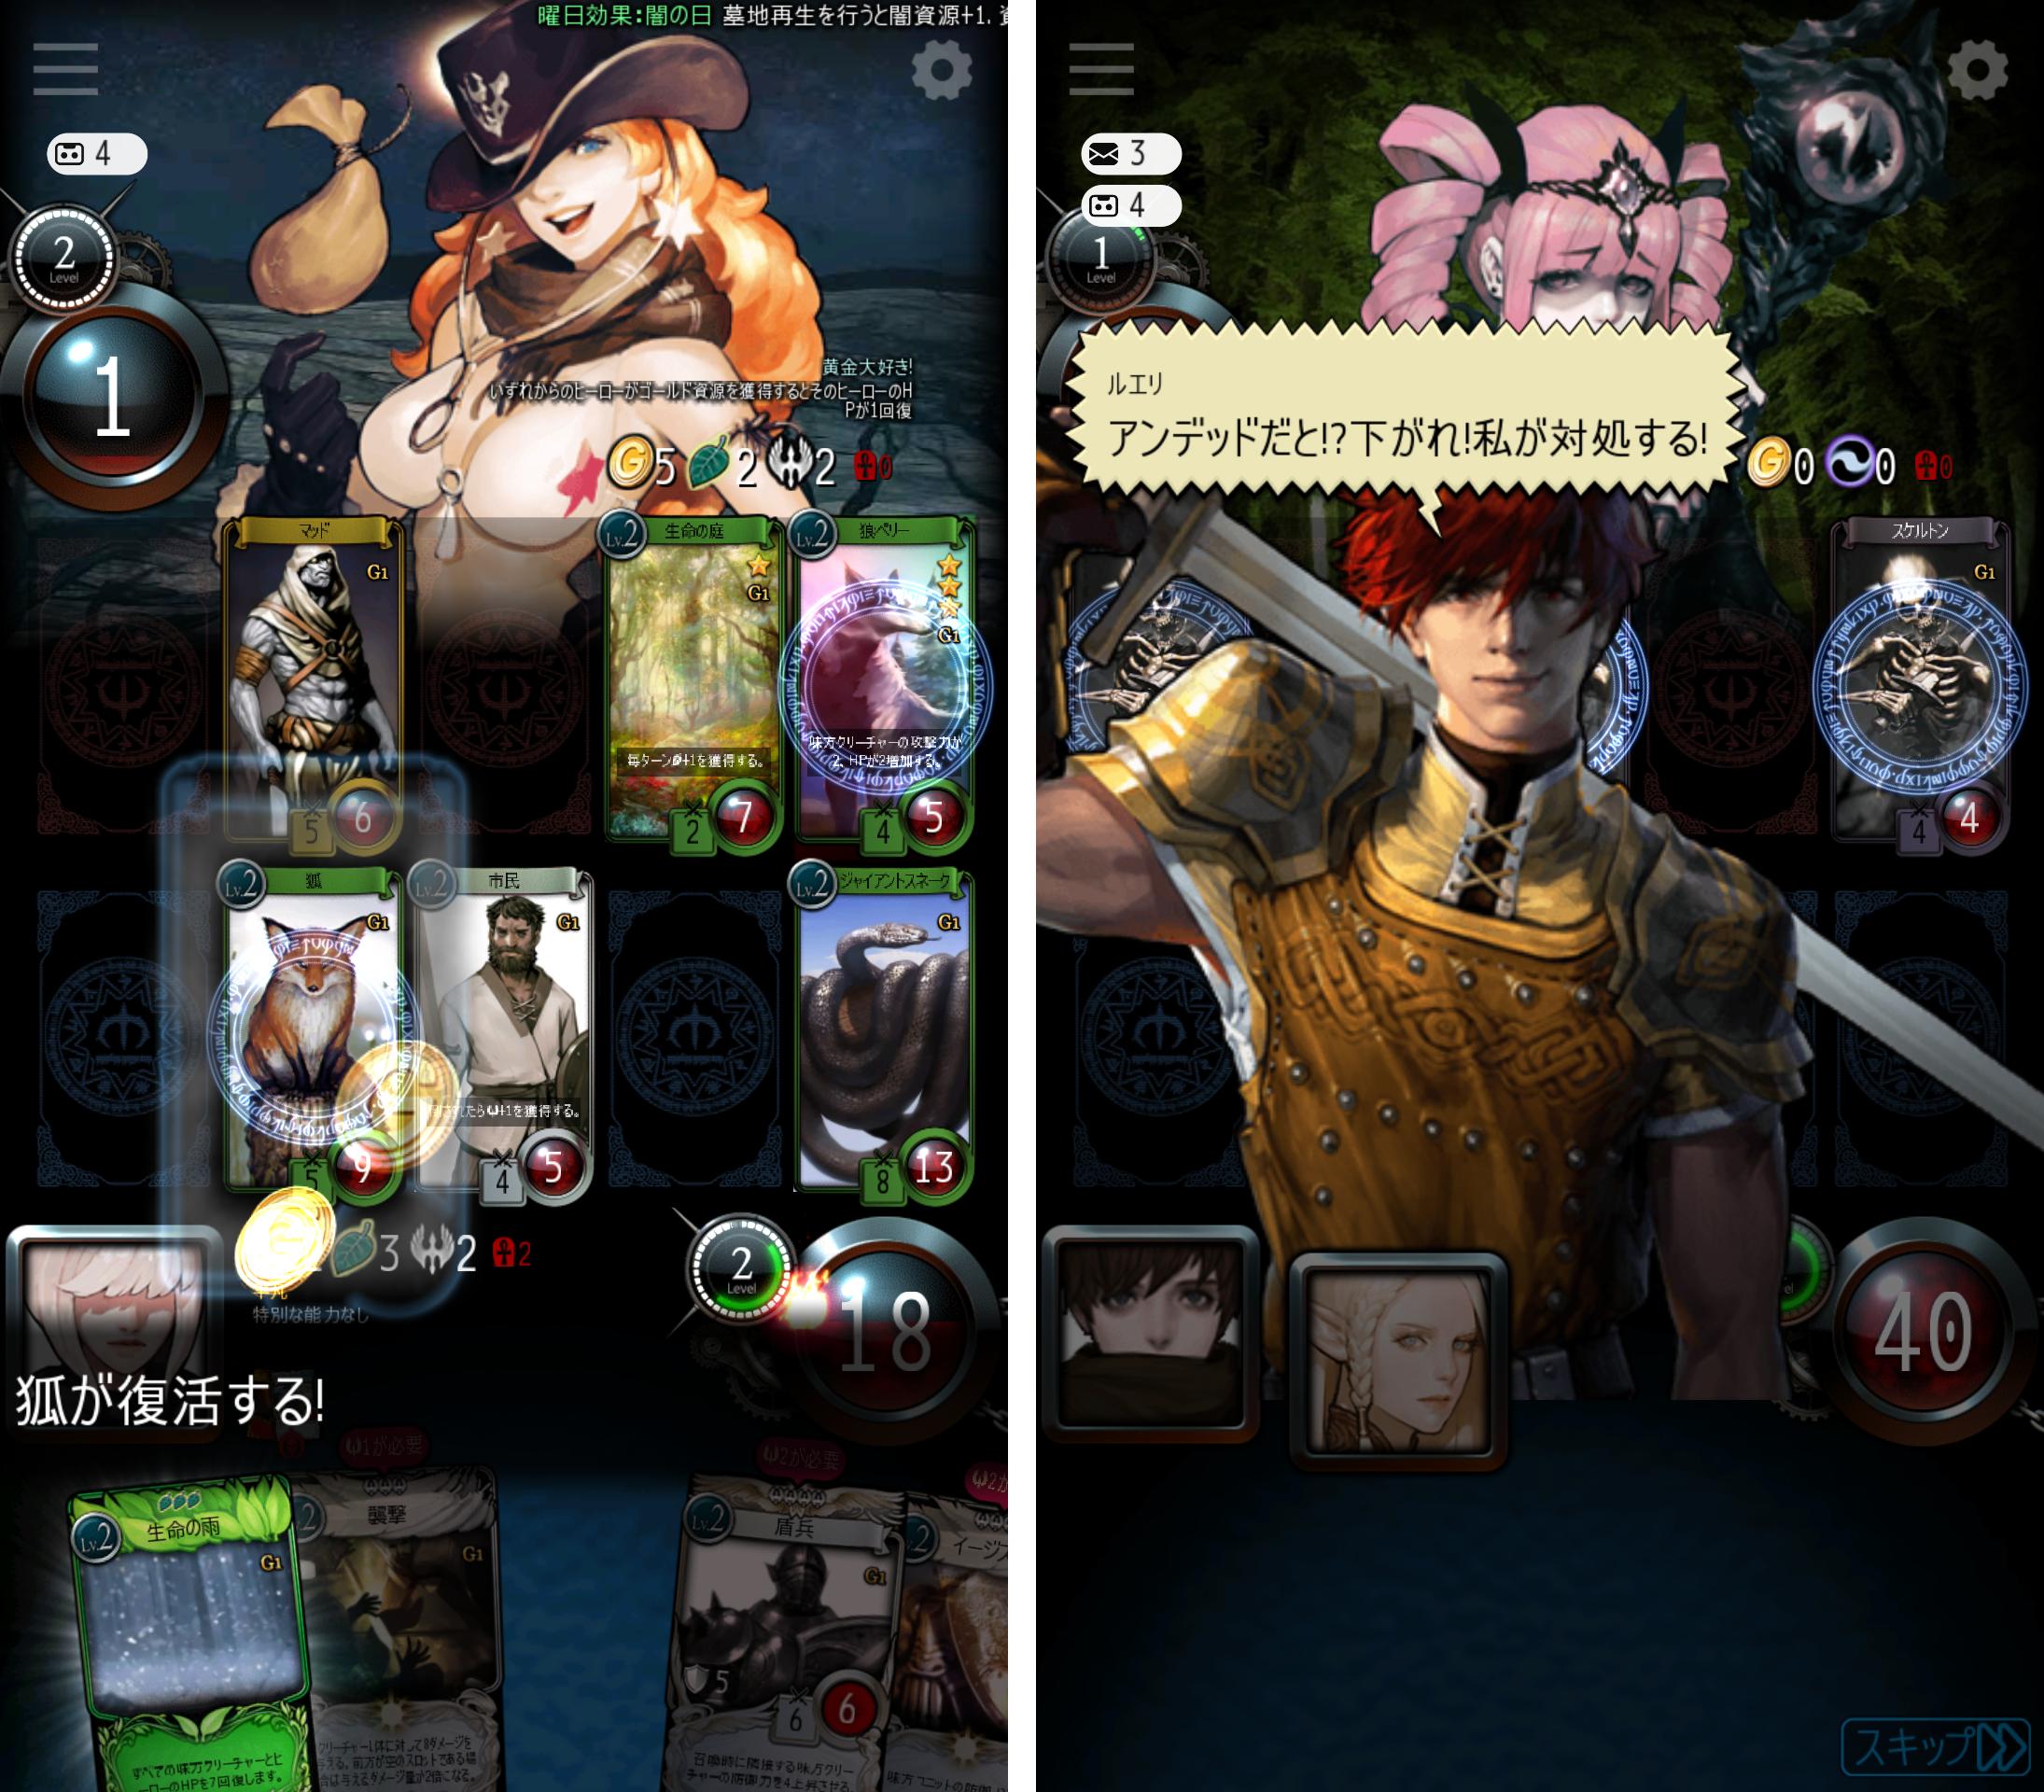 マビノギデュエル(Mabinogi Duel) androidアプリスクリーンショット1